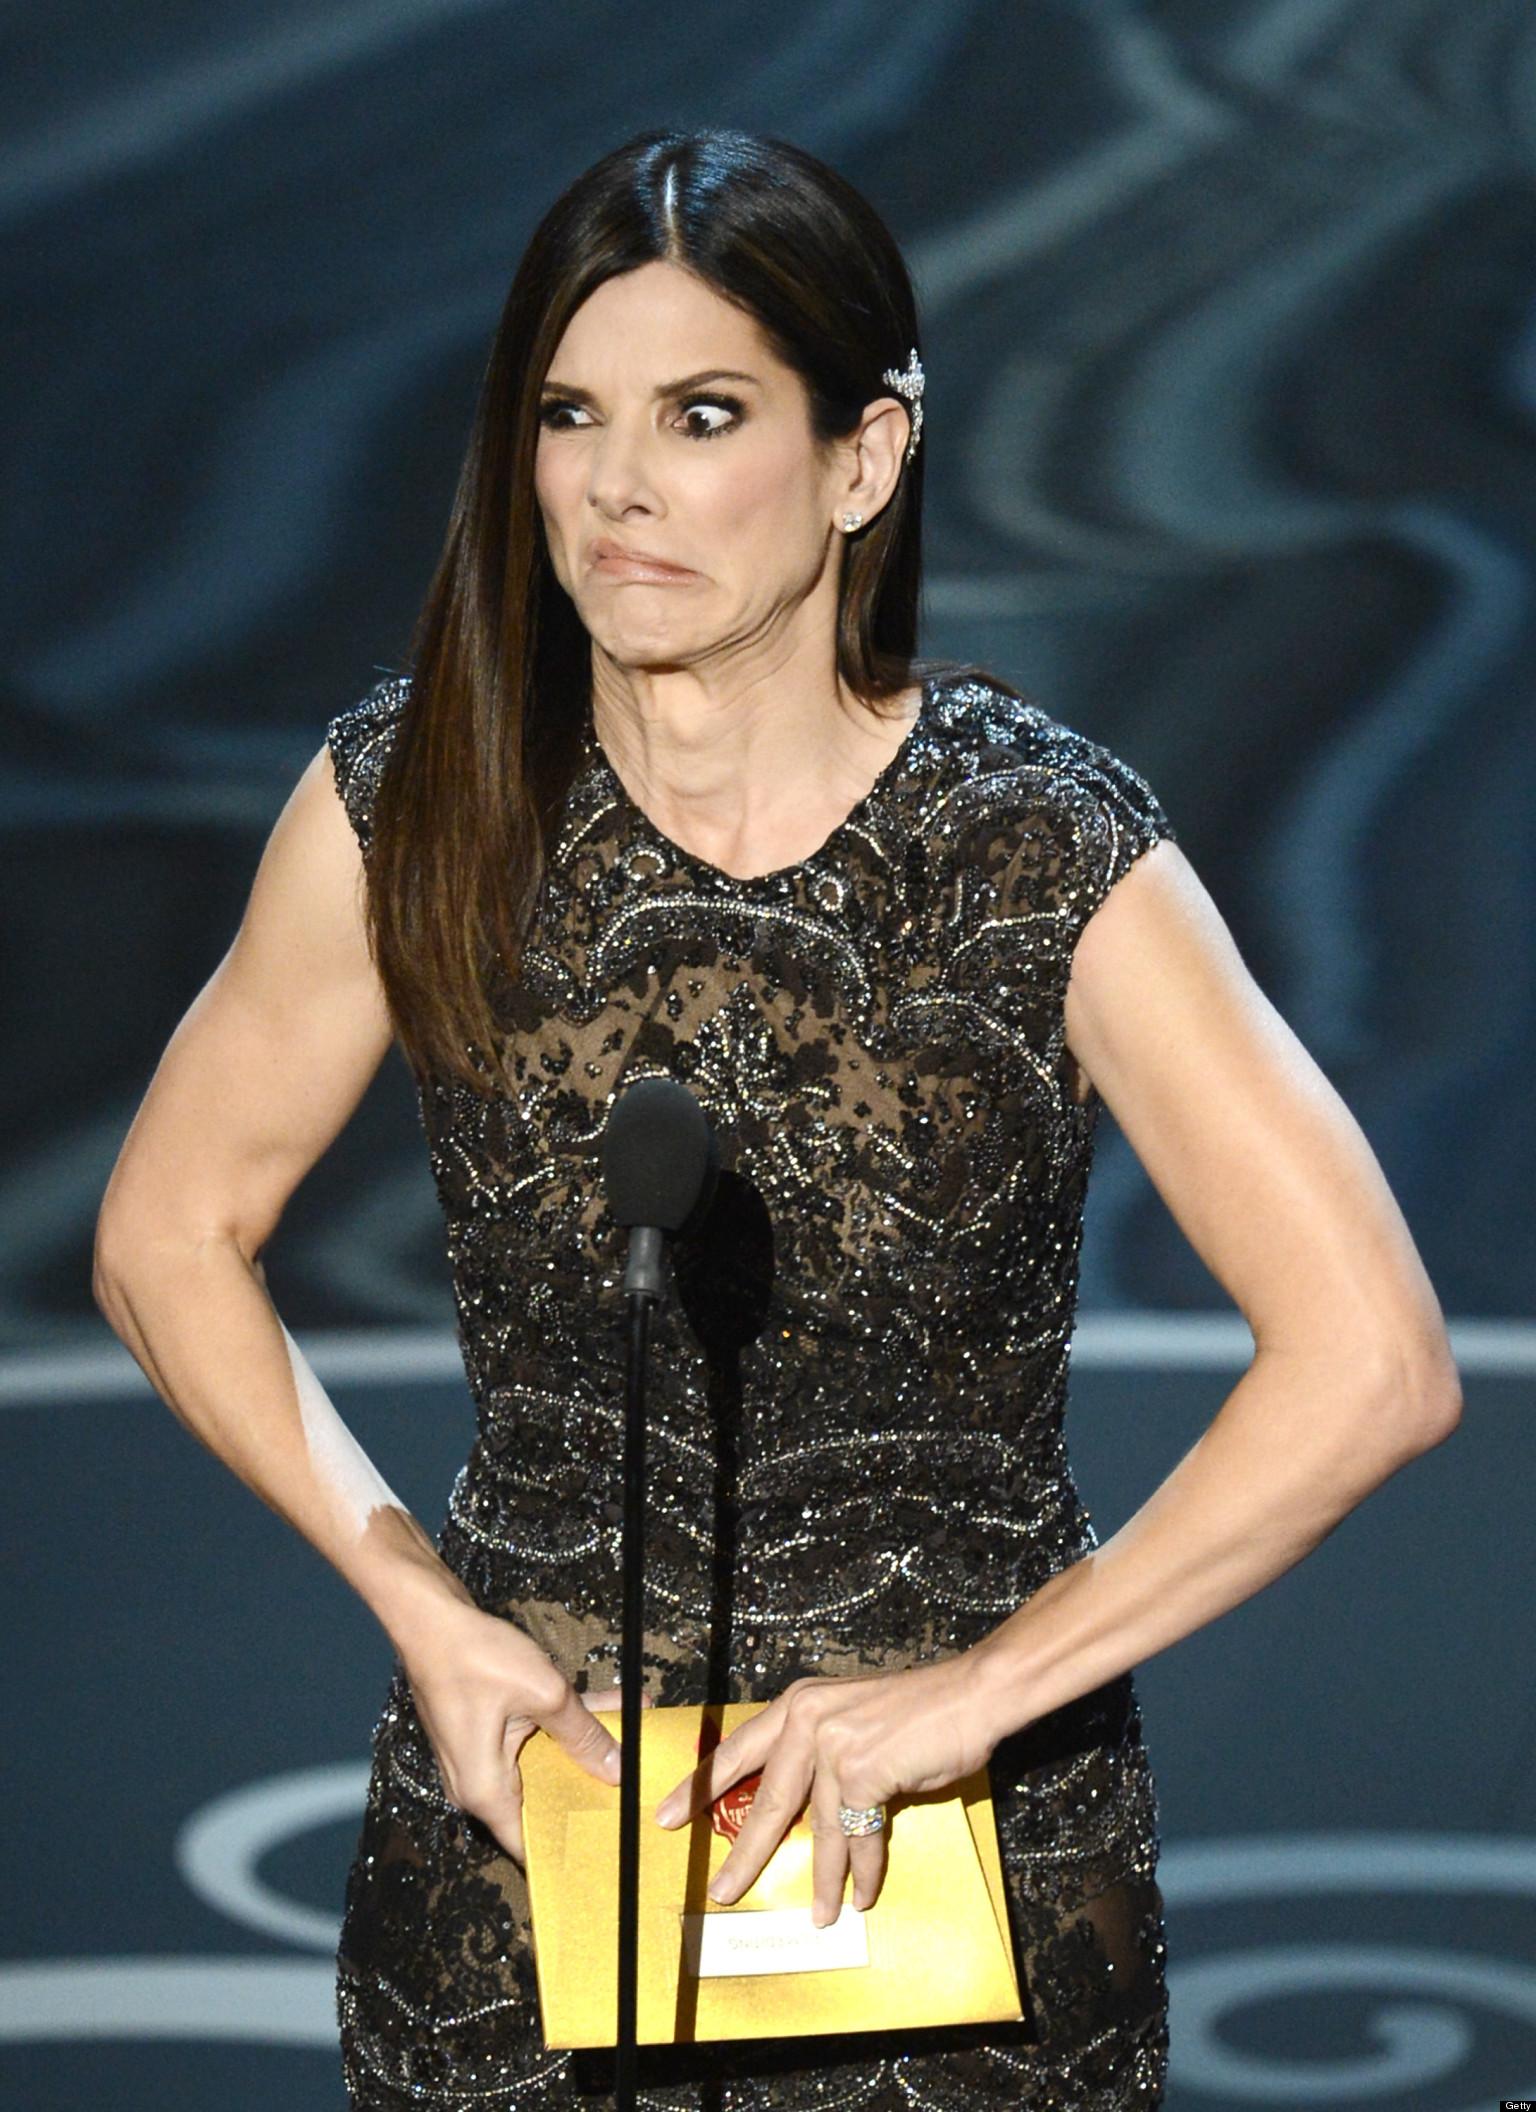 Sandra S Closet: Sandra Bullock's Oscars Face: Actress Makes Wacky